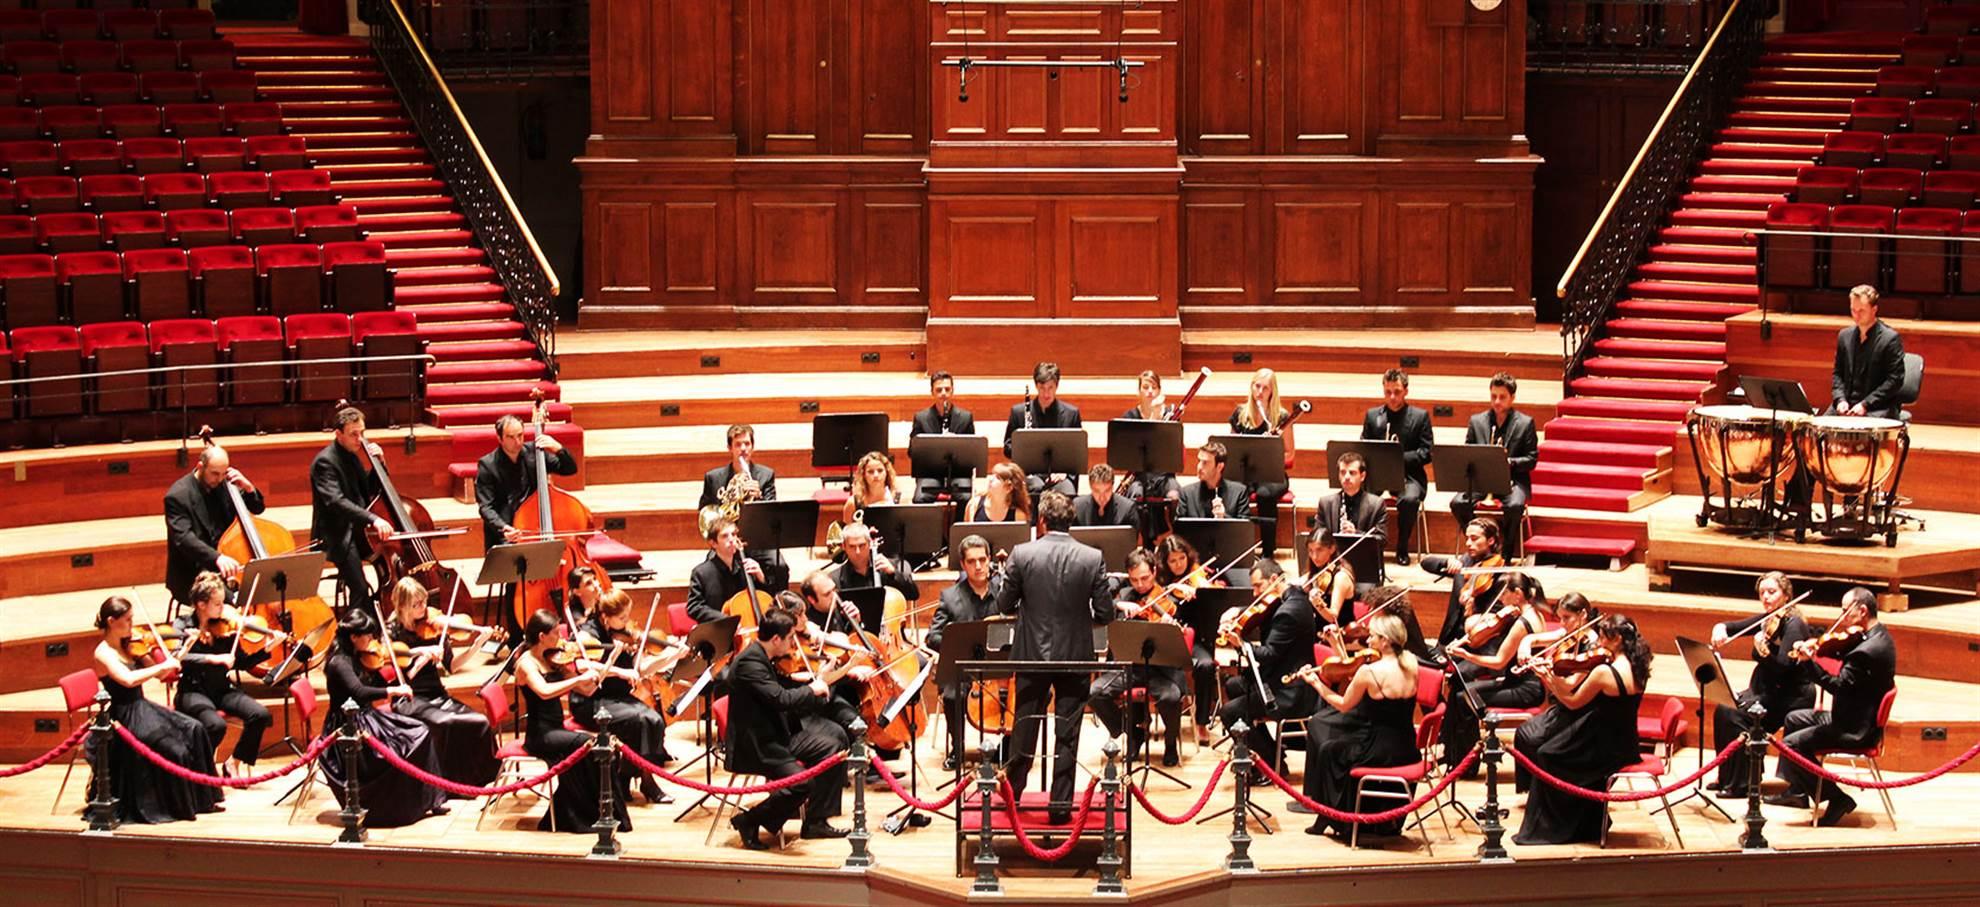 Concert nocturne dans le Concert Hall au Concertgebouw